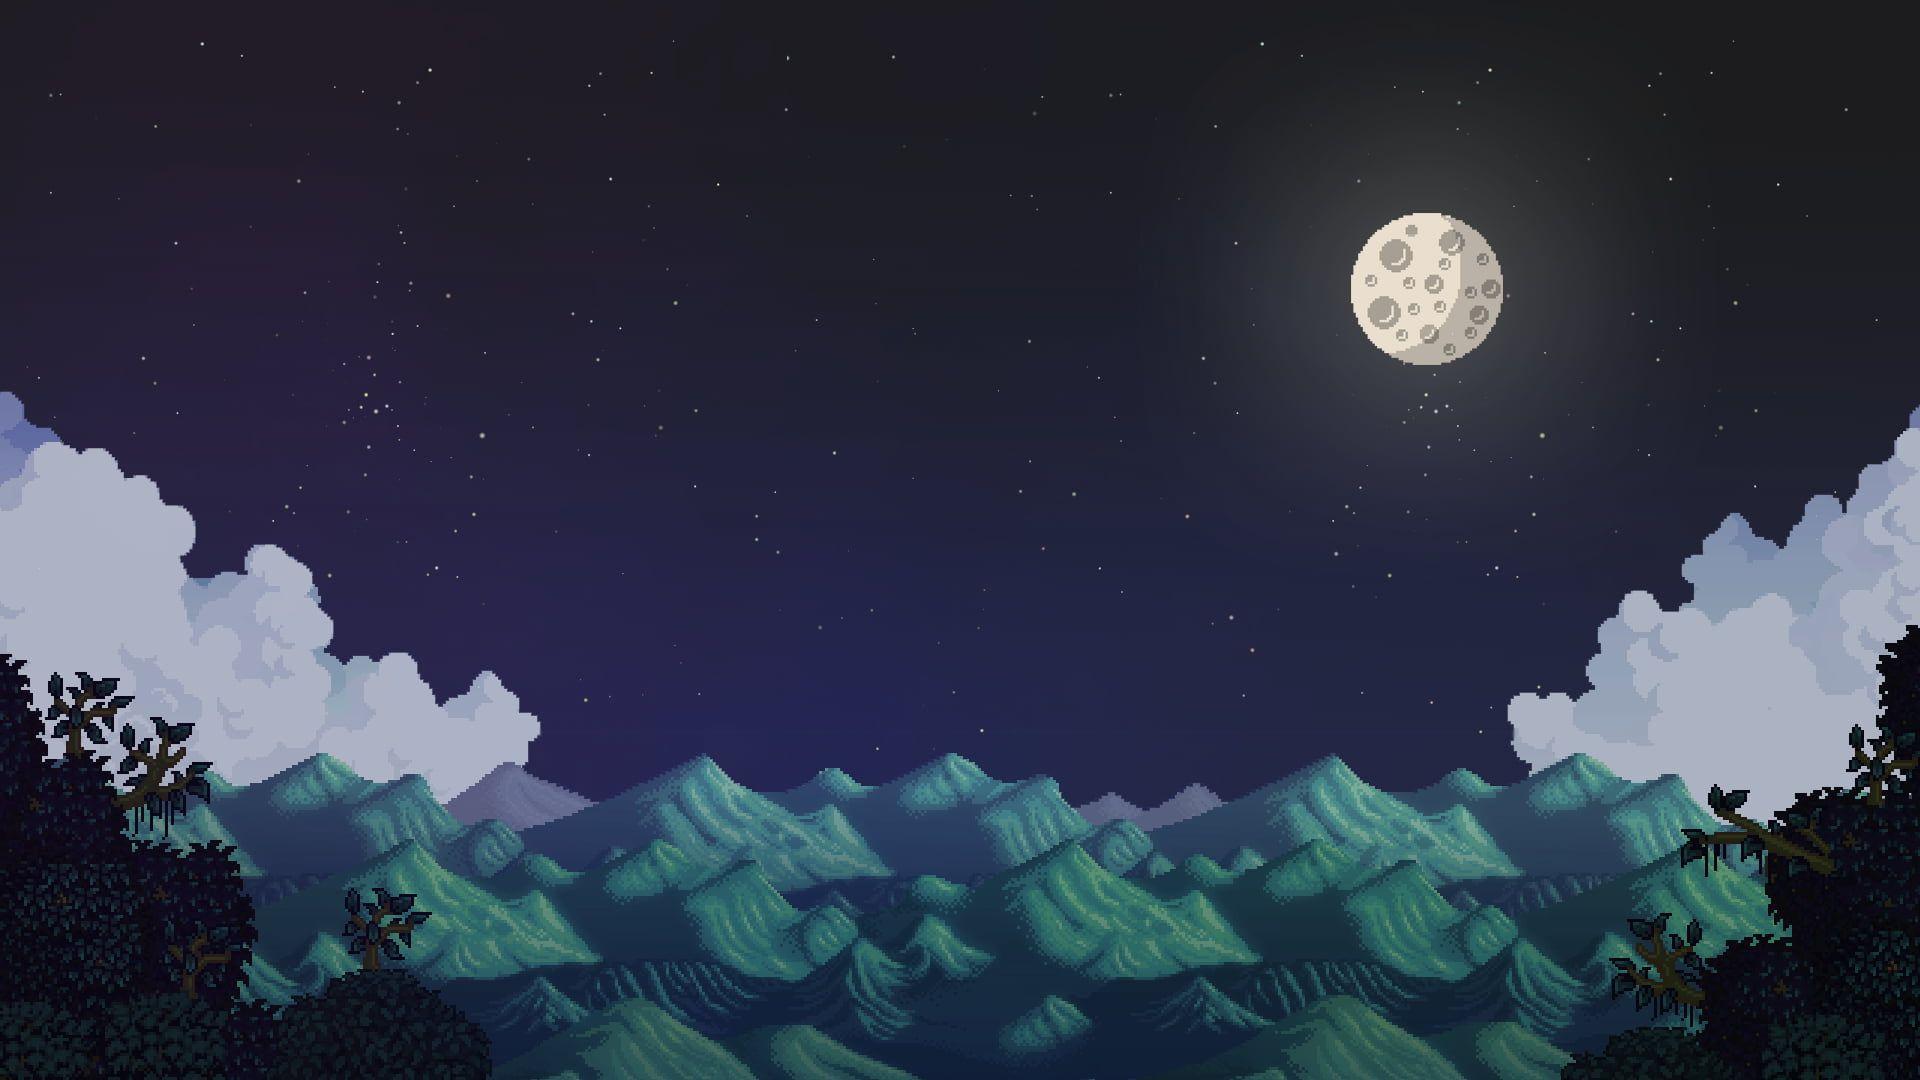 Stardew Valley Moon Landscape Pixel Art 1080p Wallpaper Hdwallpaper Desktop Stardew Valley Computer Wallpaper Desktop Wallpapers Pixel Art